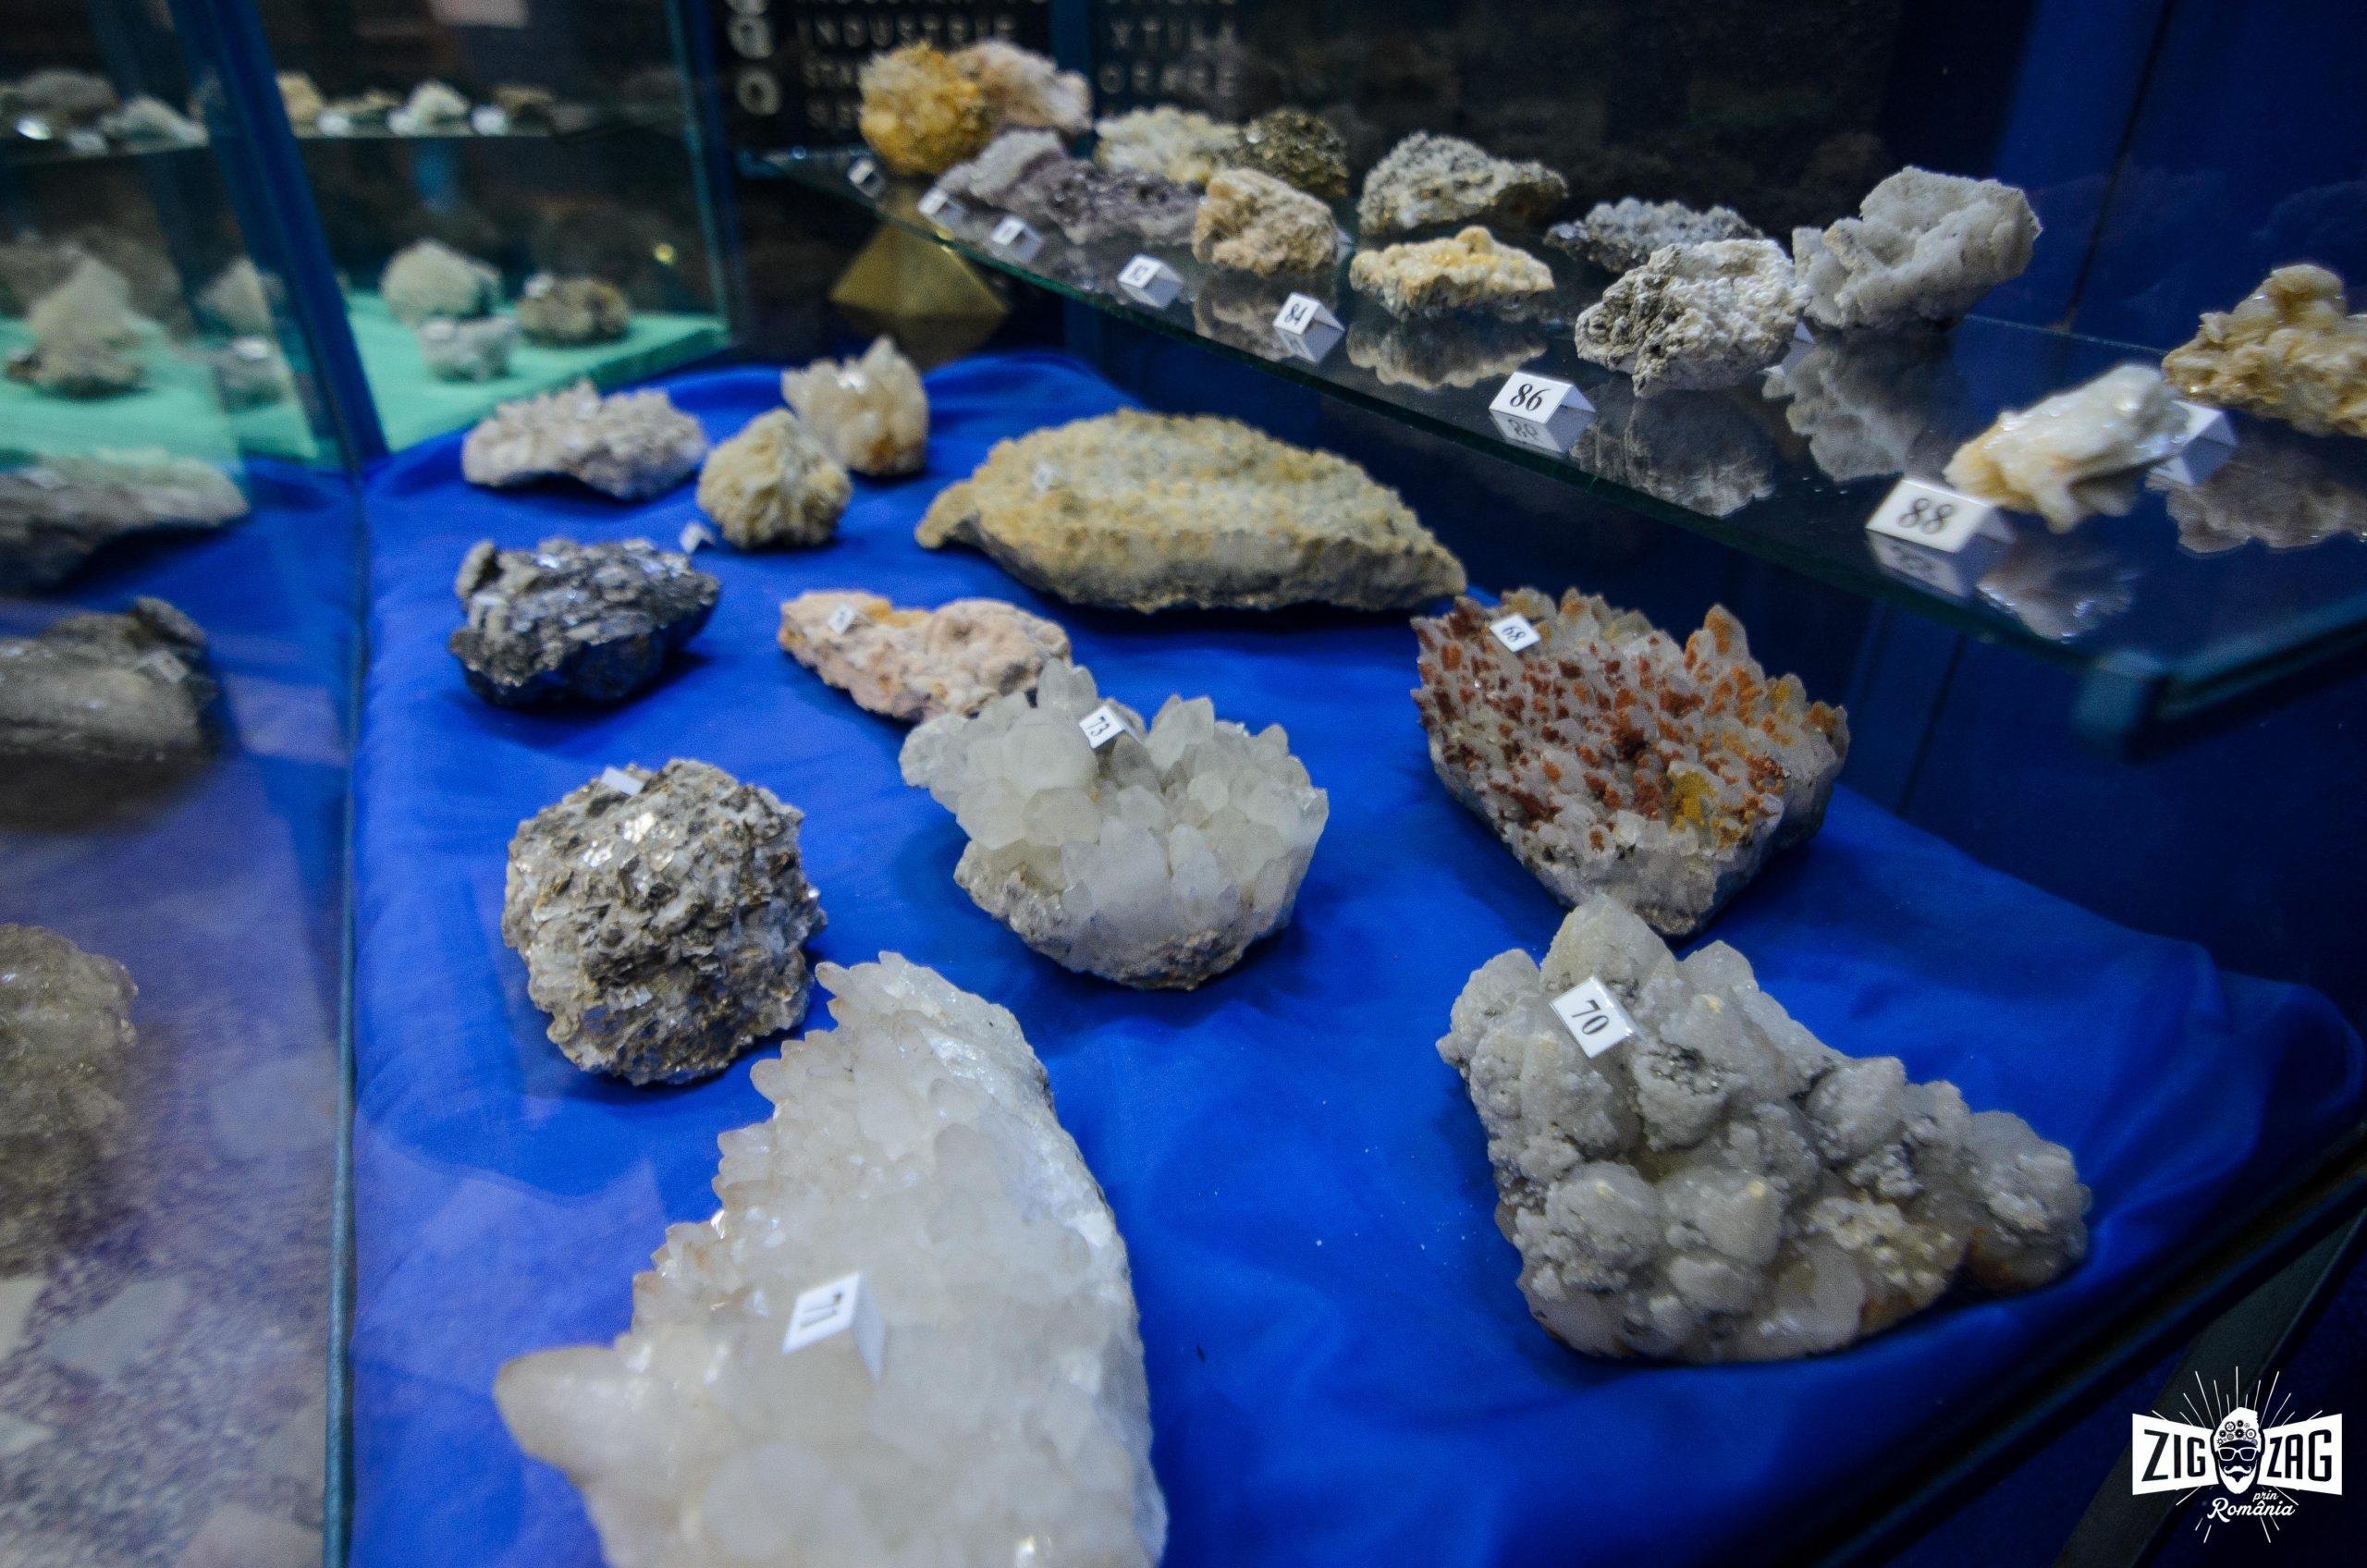 Muzeul Mineritului judetul Hunedoara 1